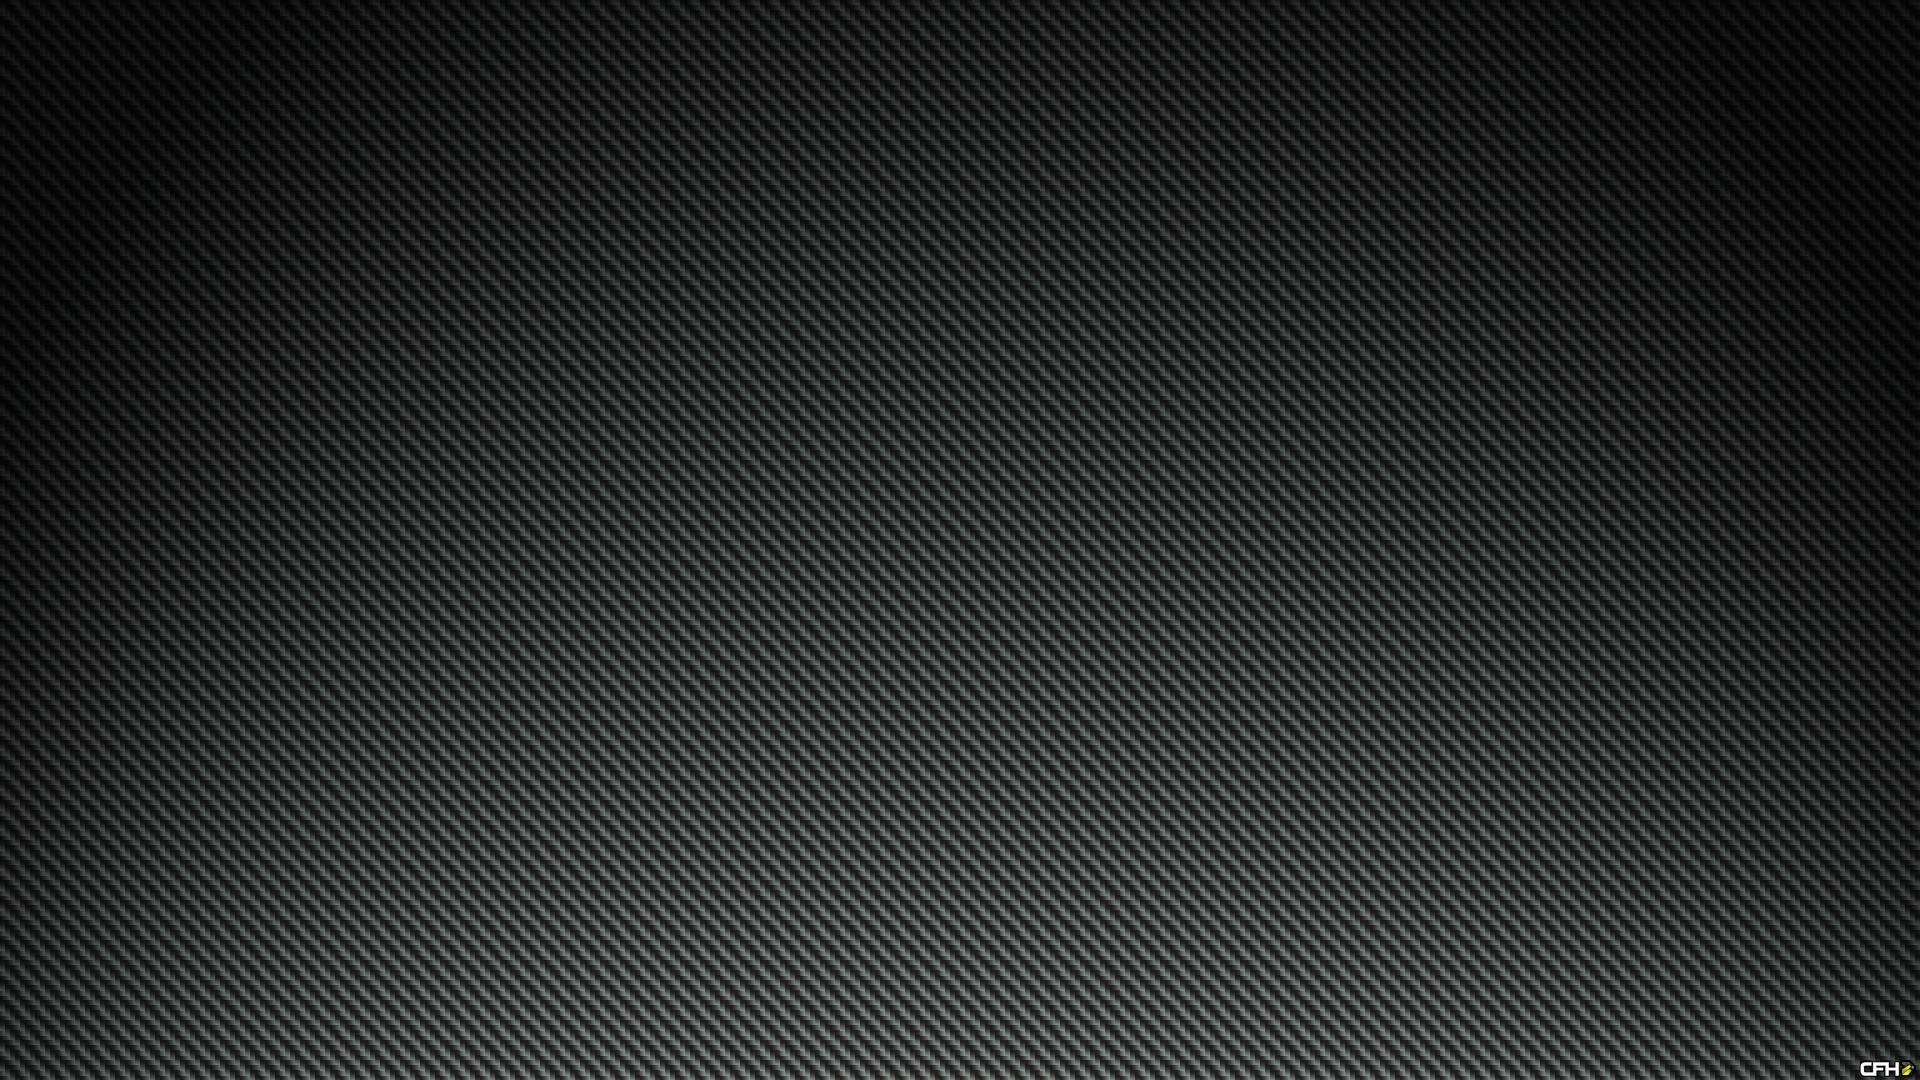 10 Top Carbon Fiber Wallpaper 1920X1080 FULL HD 1080p For ...